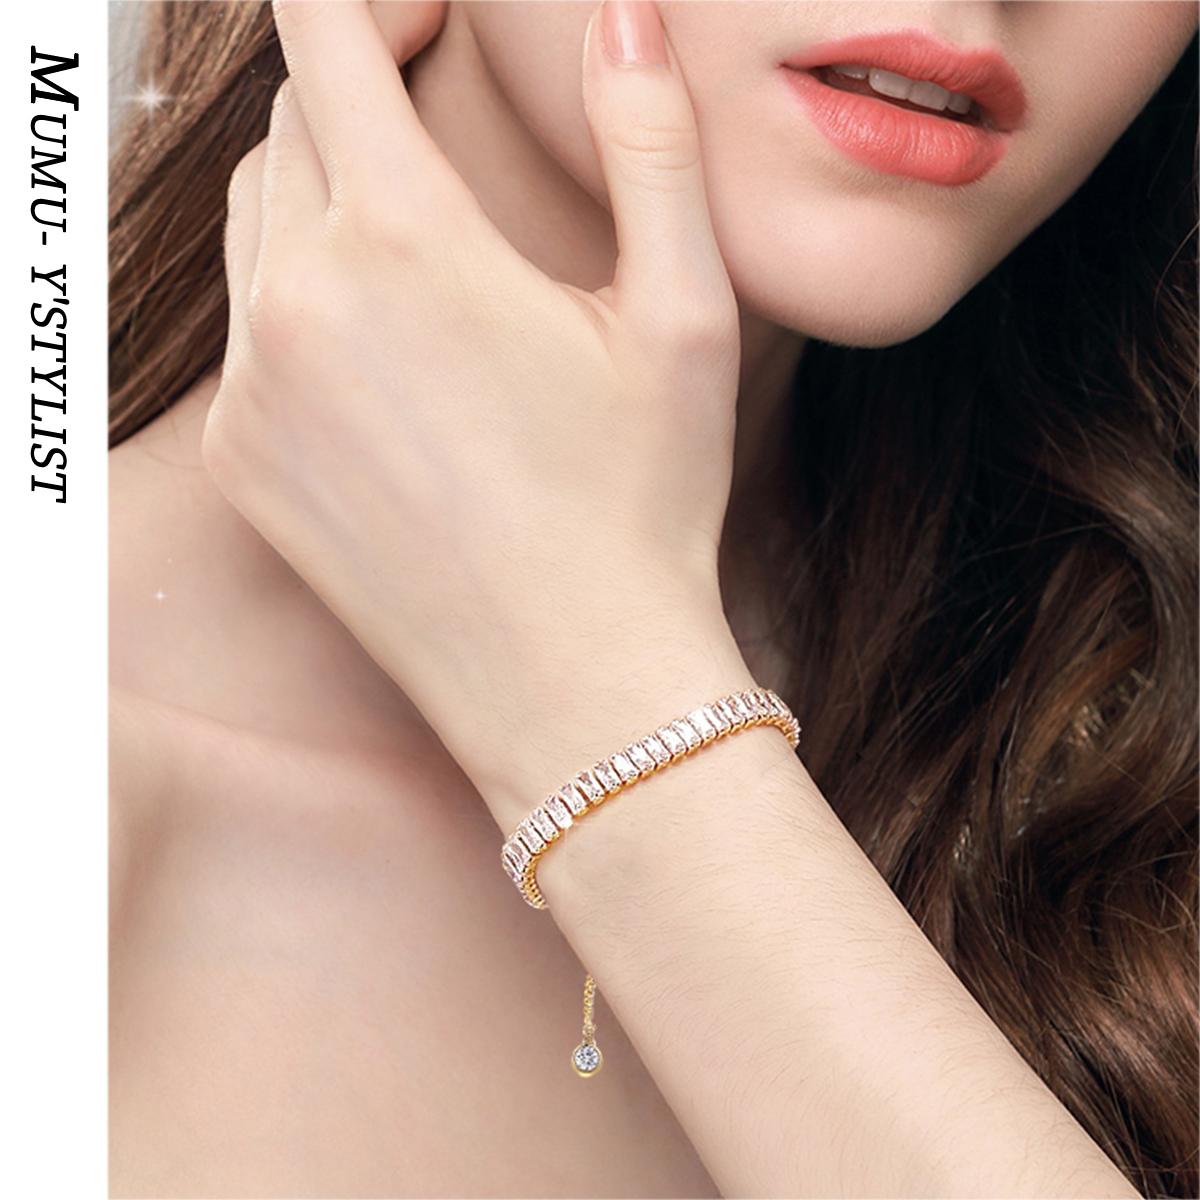 原创手链高级感金色ins轻奢小众设计双层饰品手镯送女友生日礼物